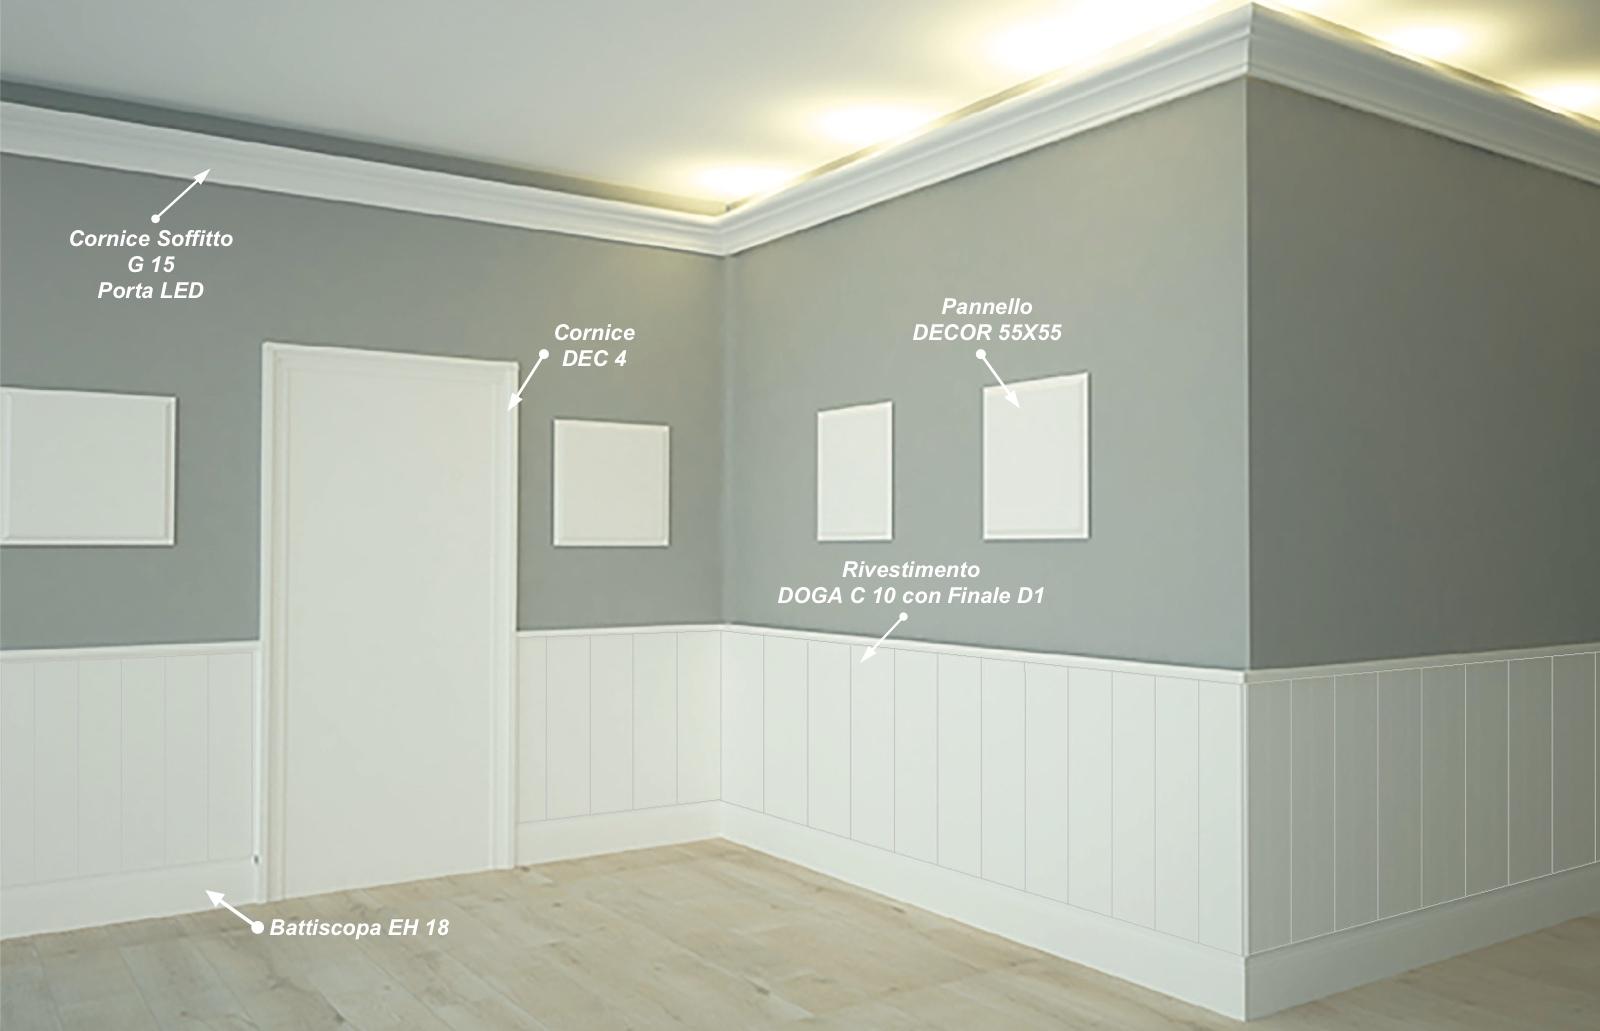 Finale D1 - Elemento accessorio per Panel B e Doghe - Decorget - Ital Decori - Image 1